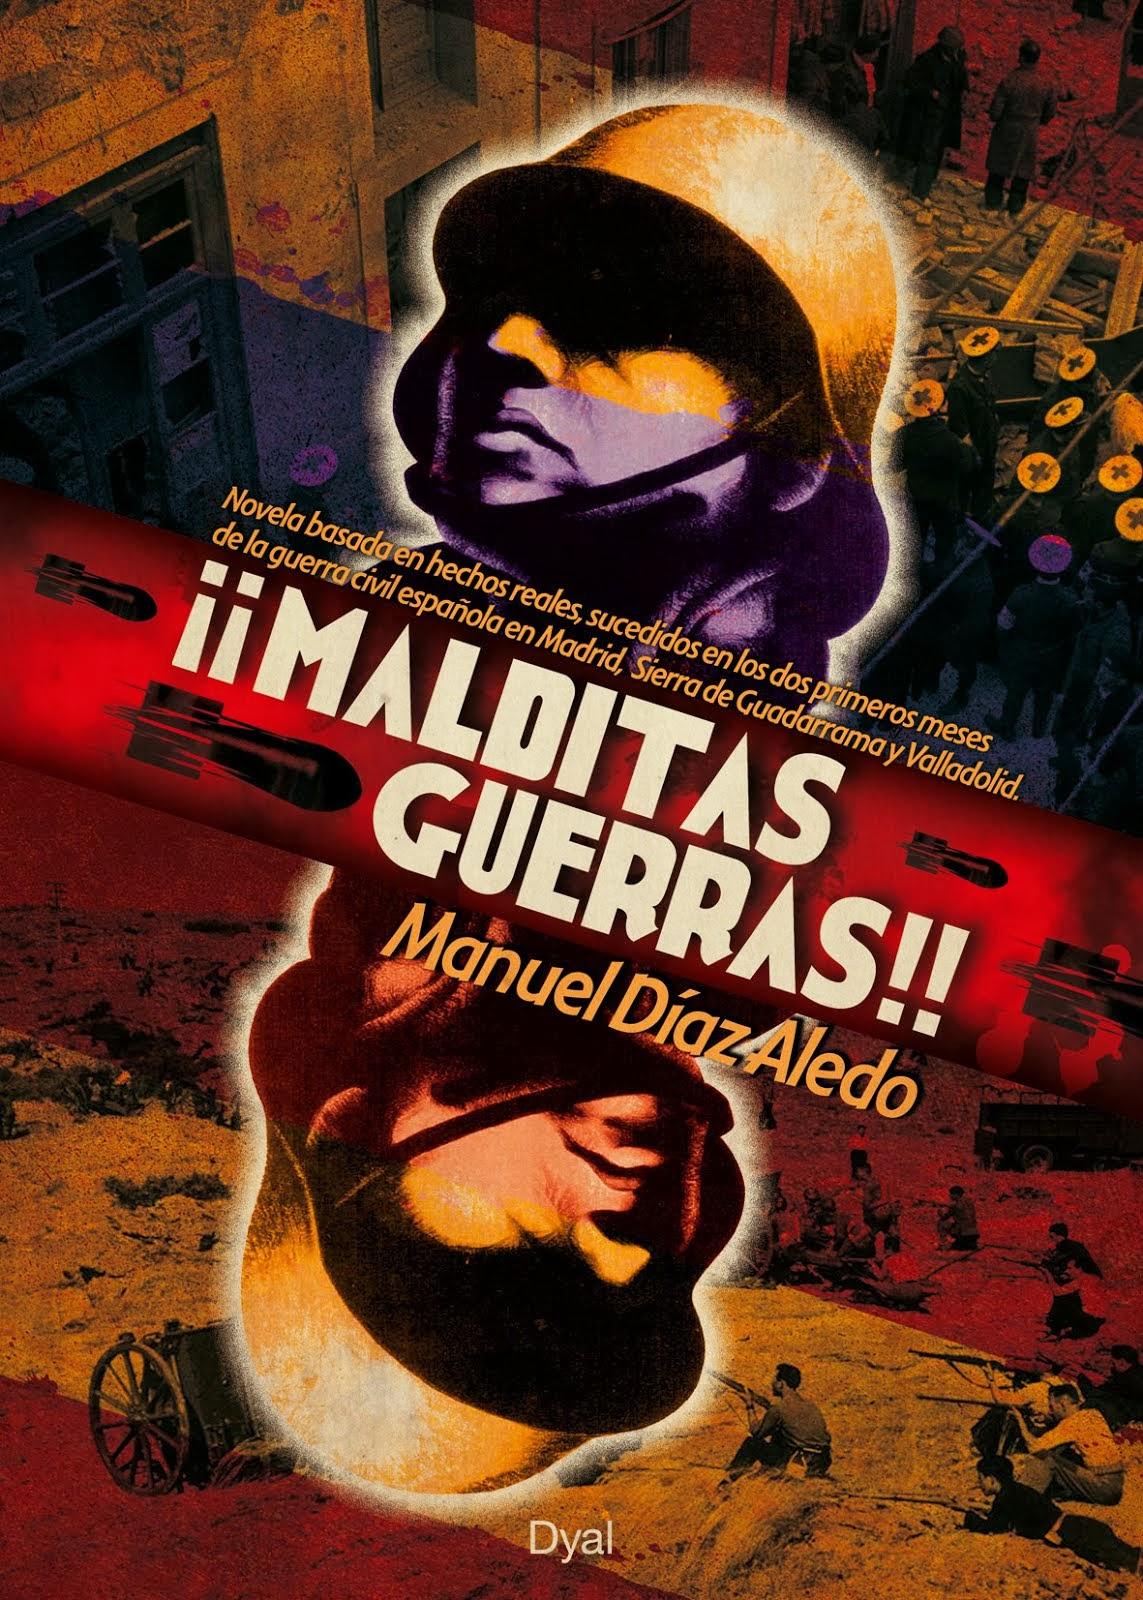 ¡¡MALDITAS GUERRAS!!